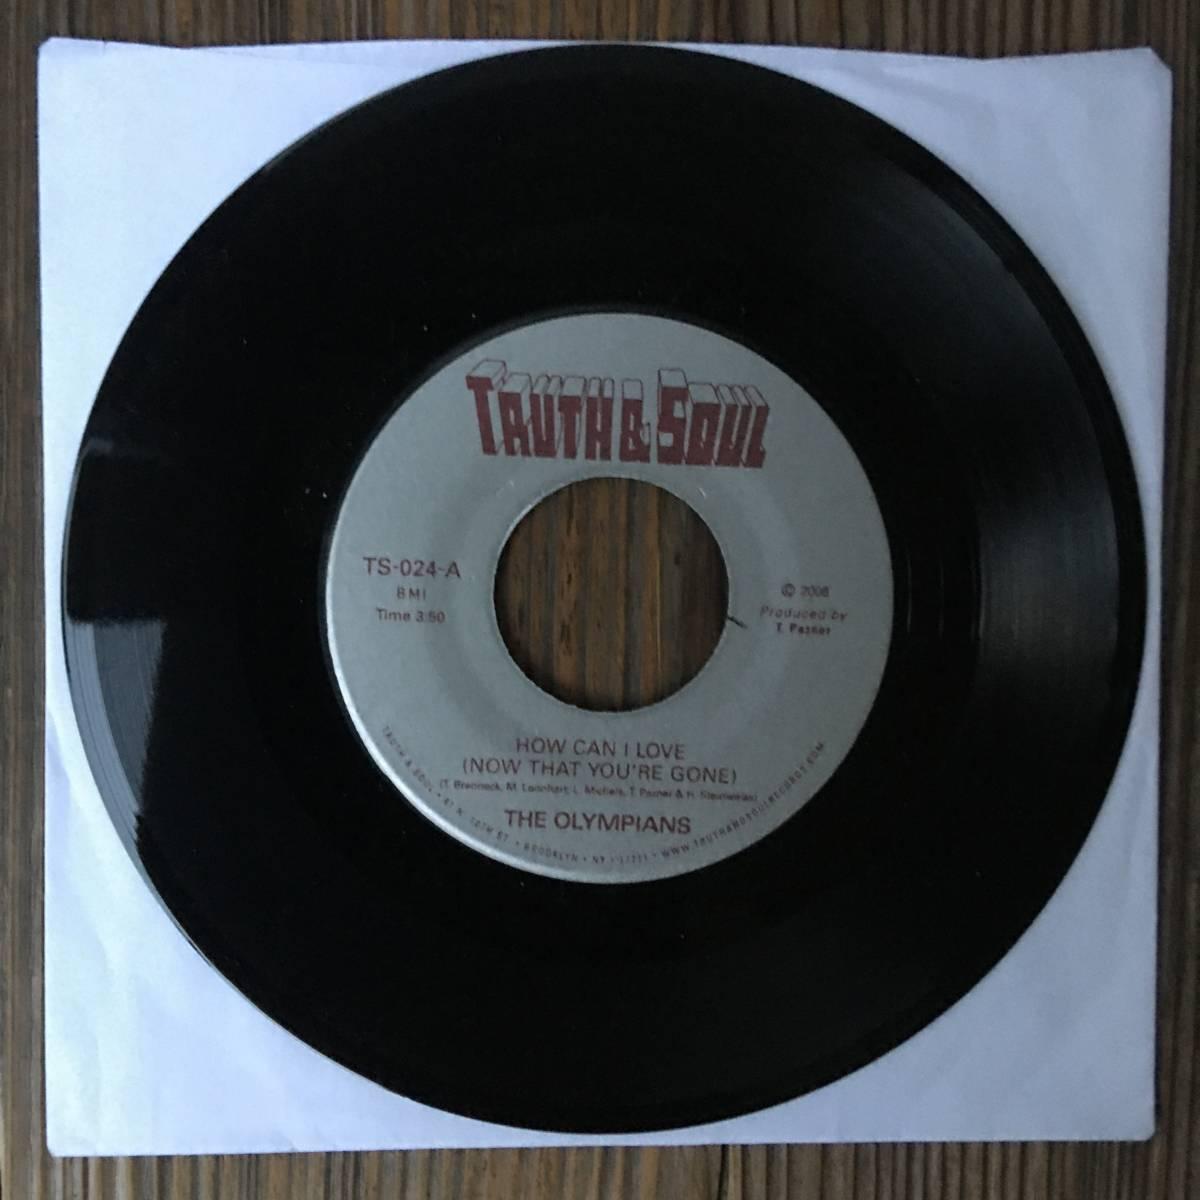 【送料無料!新品未使用7inch!groovy soul!mellow funk!】The Olympians - How Can I Love (Now That You're Gone) / Stand Tall